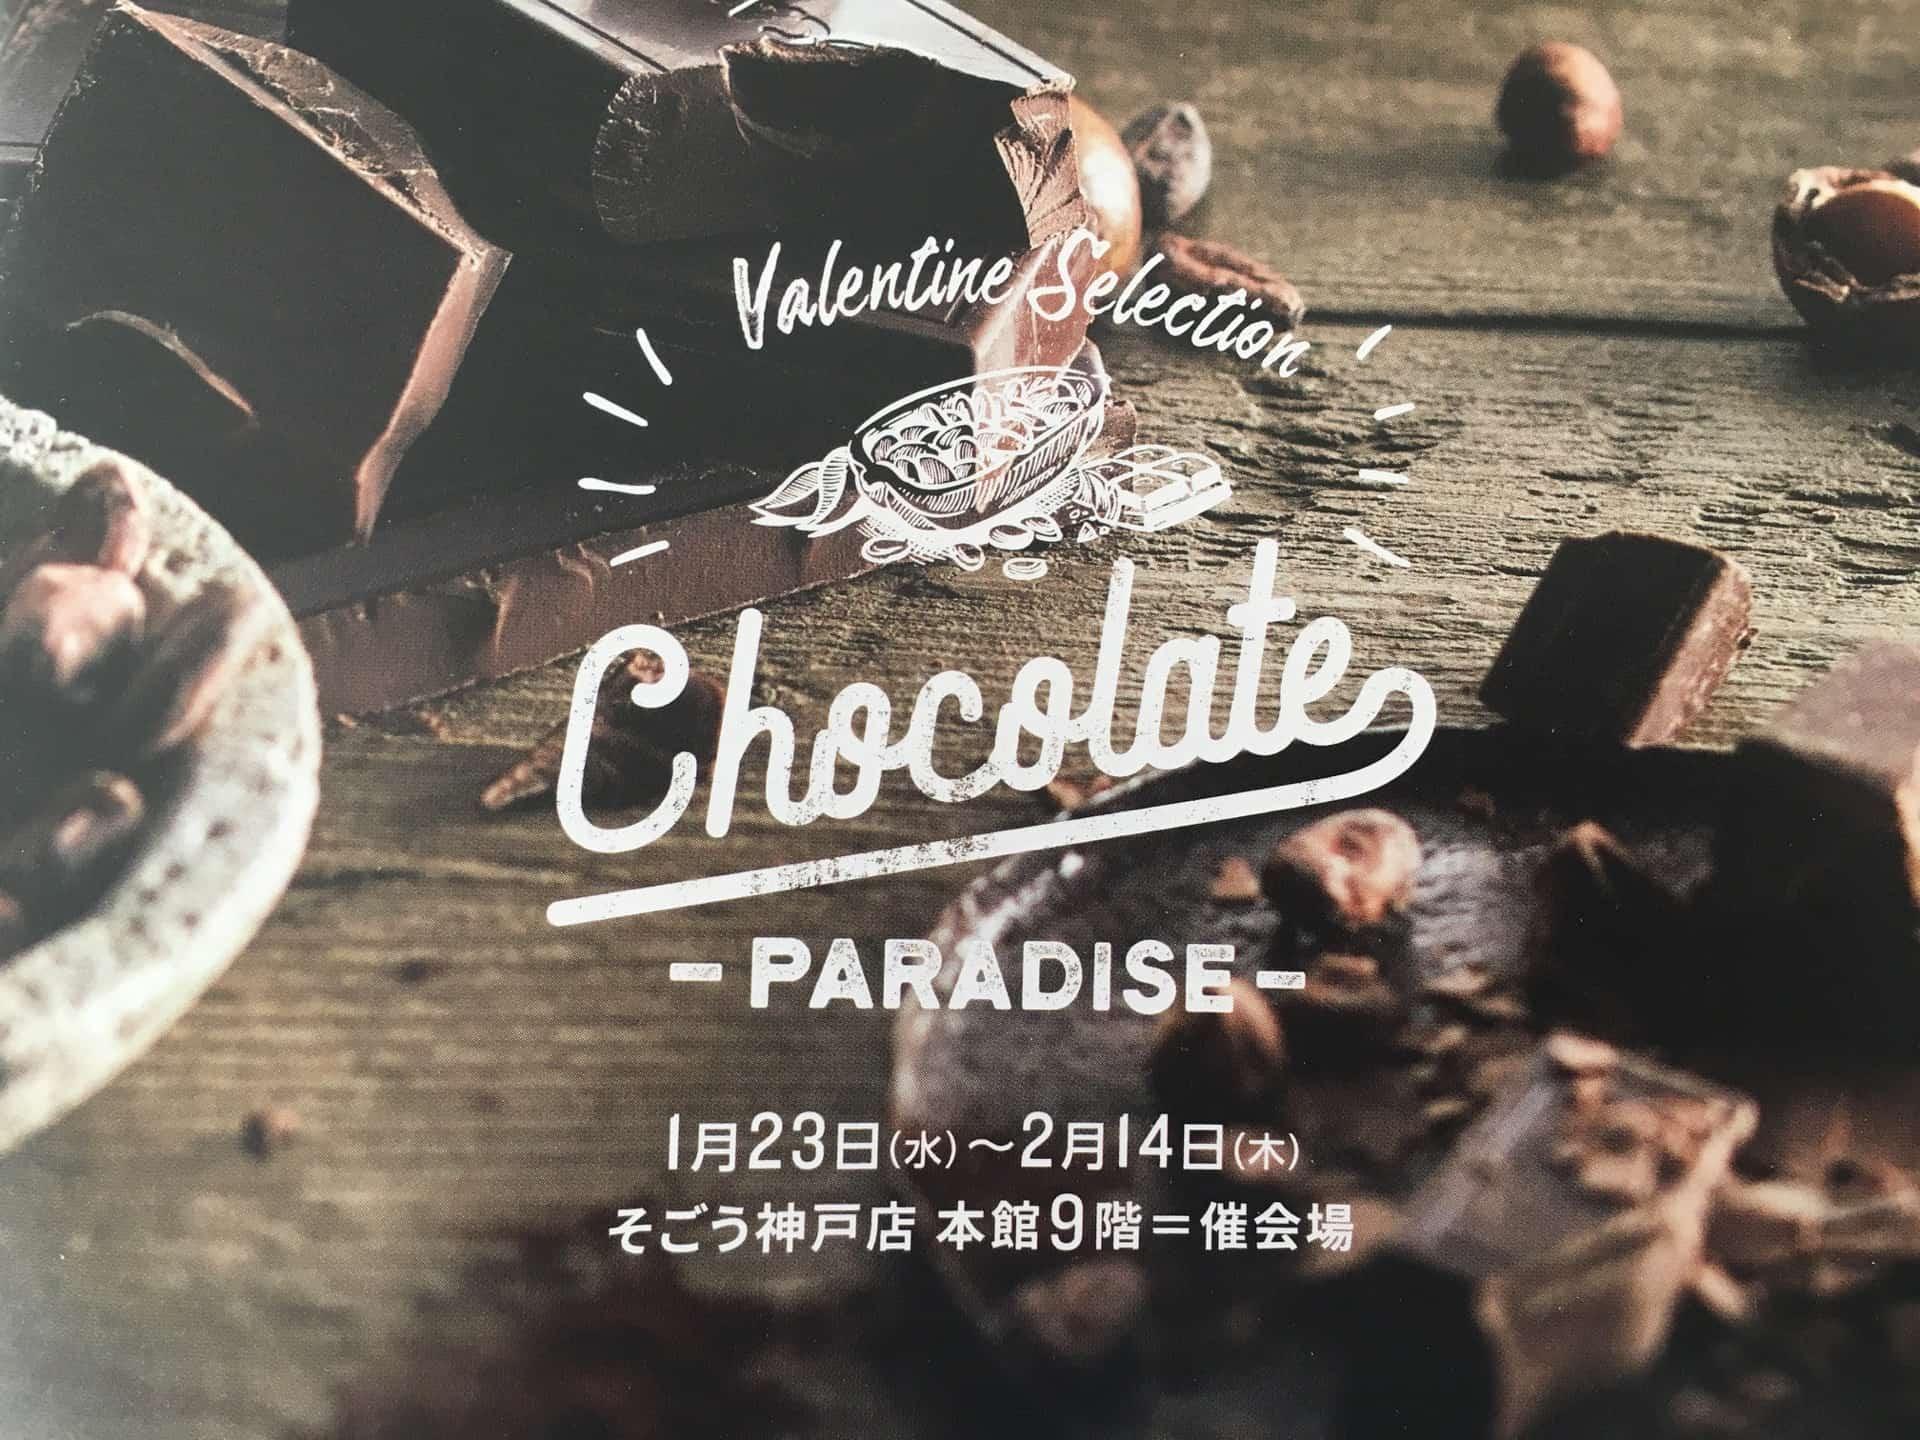 【2019年】そごう神戸店で「バレンタインチョコレートパラダイス」開催。普段買えないあのブランドも登場!